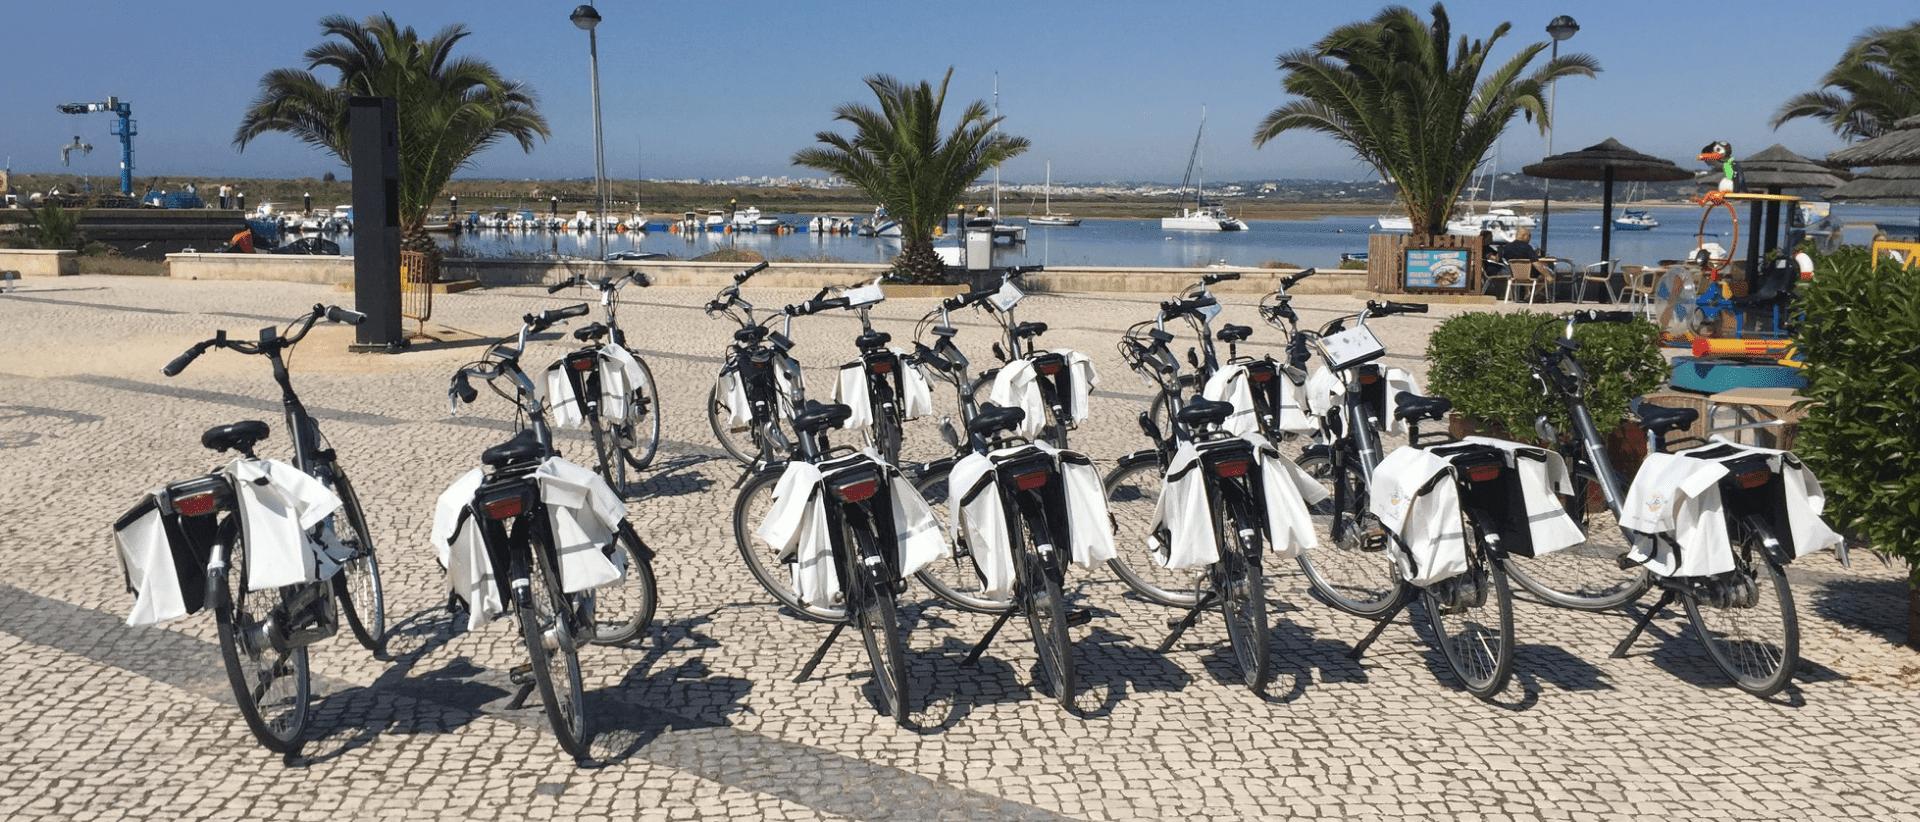 Met Fitál Vakanties vliegt u naar de mooiste vakantiebestemmingen in Spanje, Portugal en Griekenland